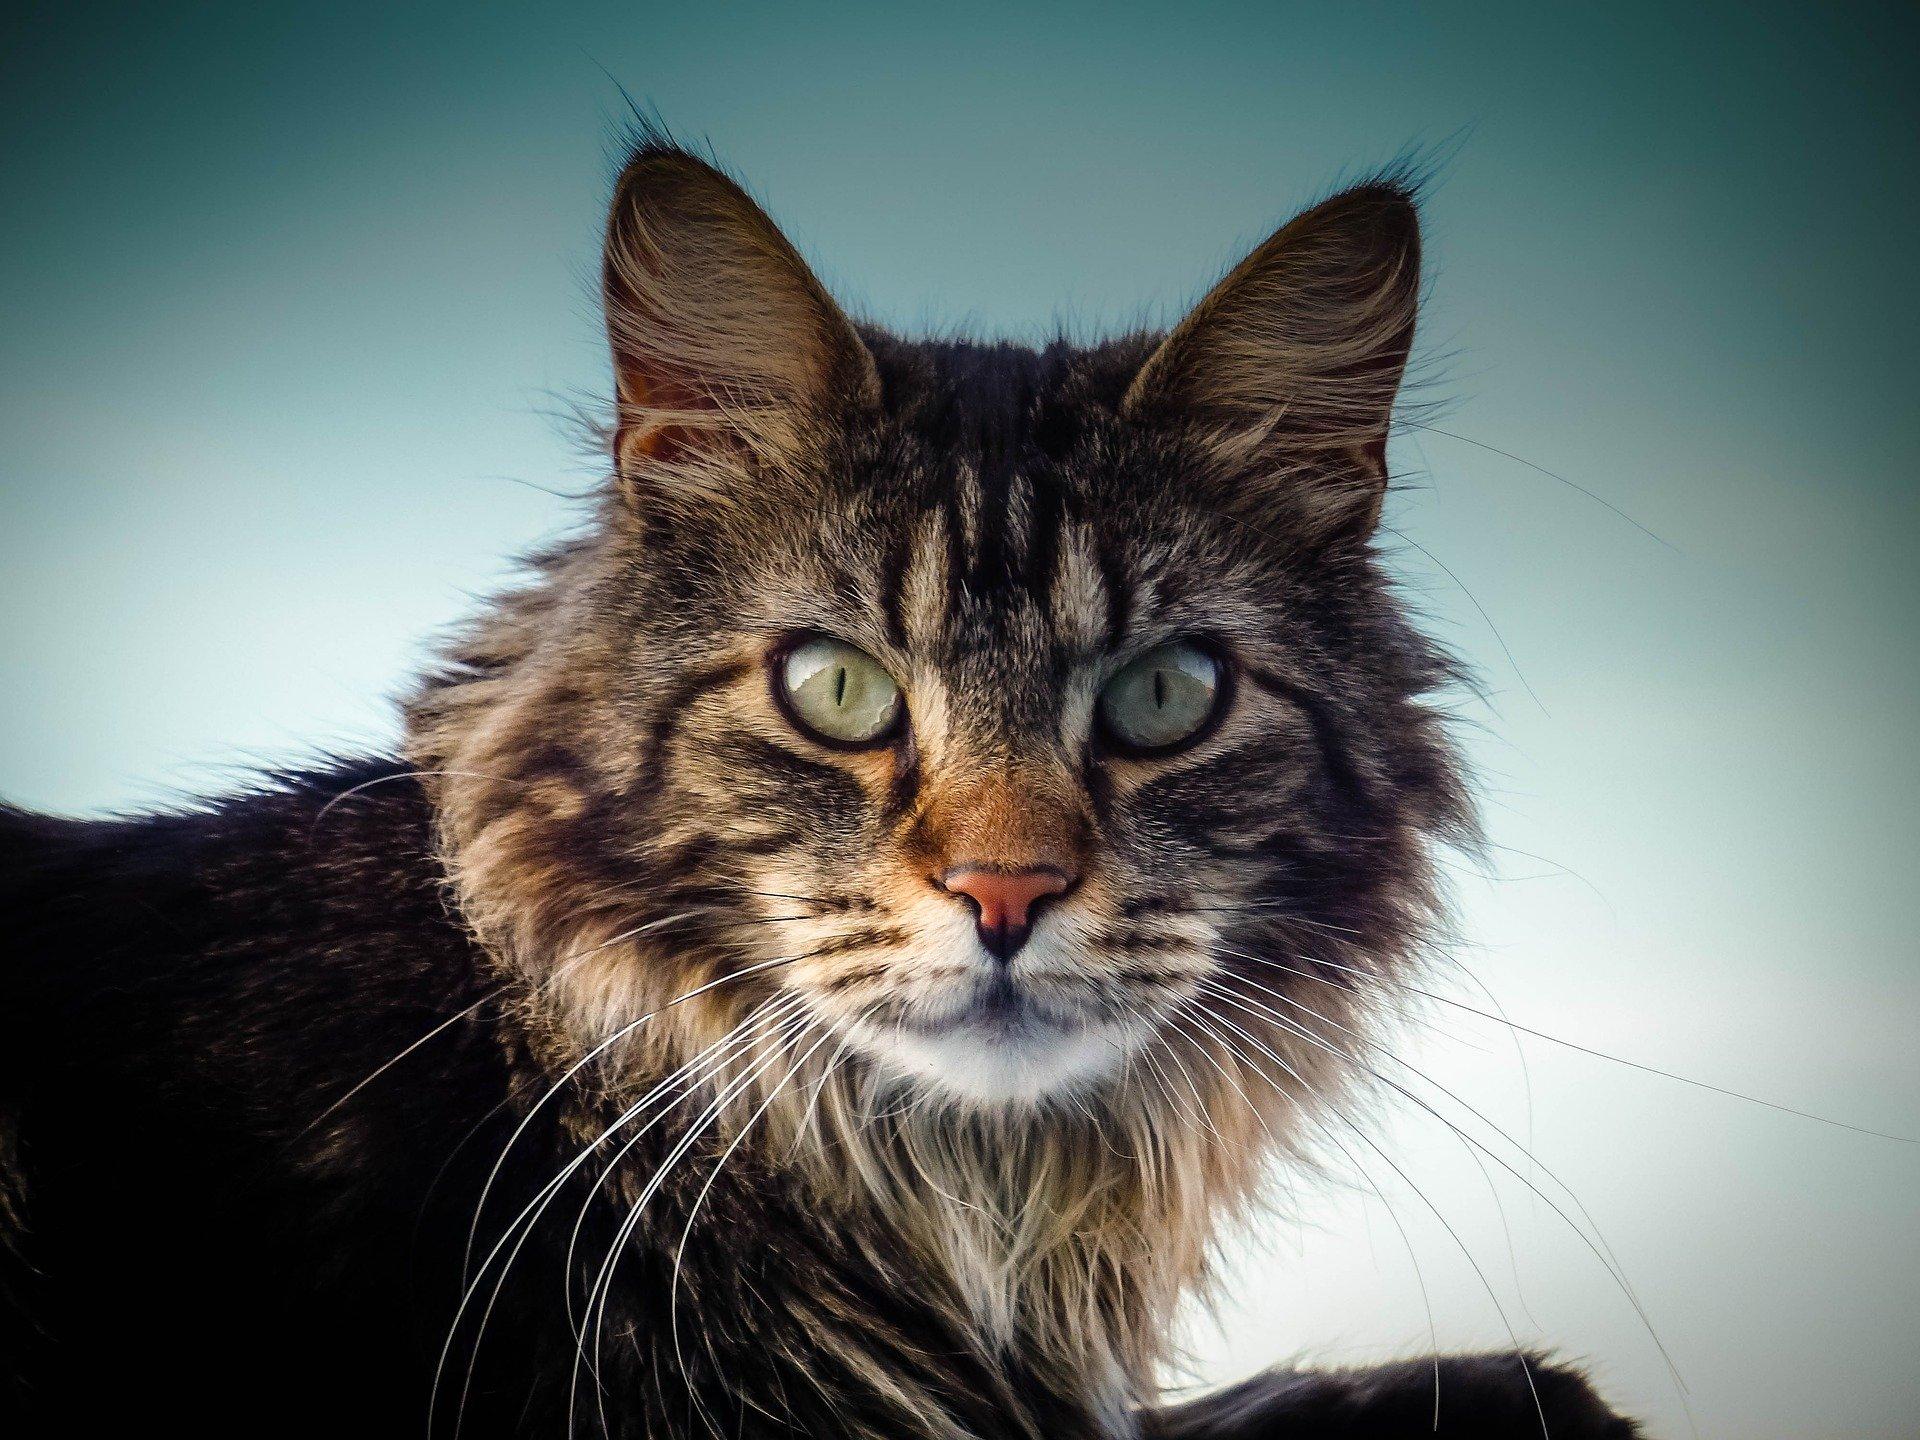 Mainská mývalí kočka pochází z USA. Její vzhled je velmi vznešený.